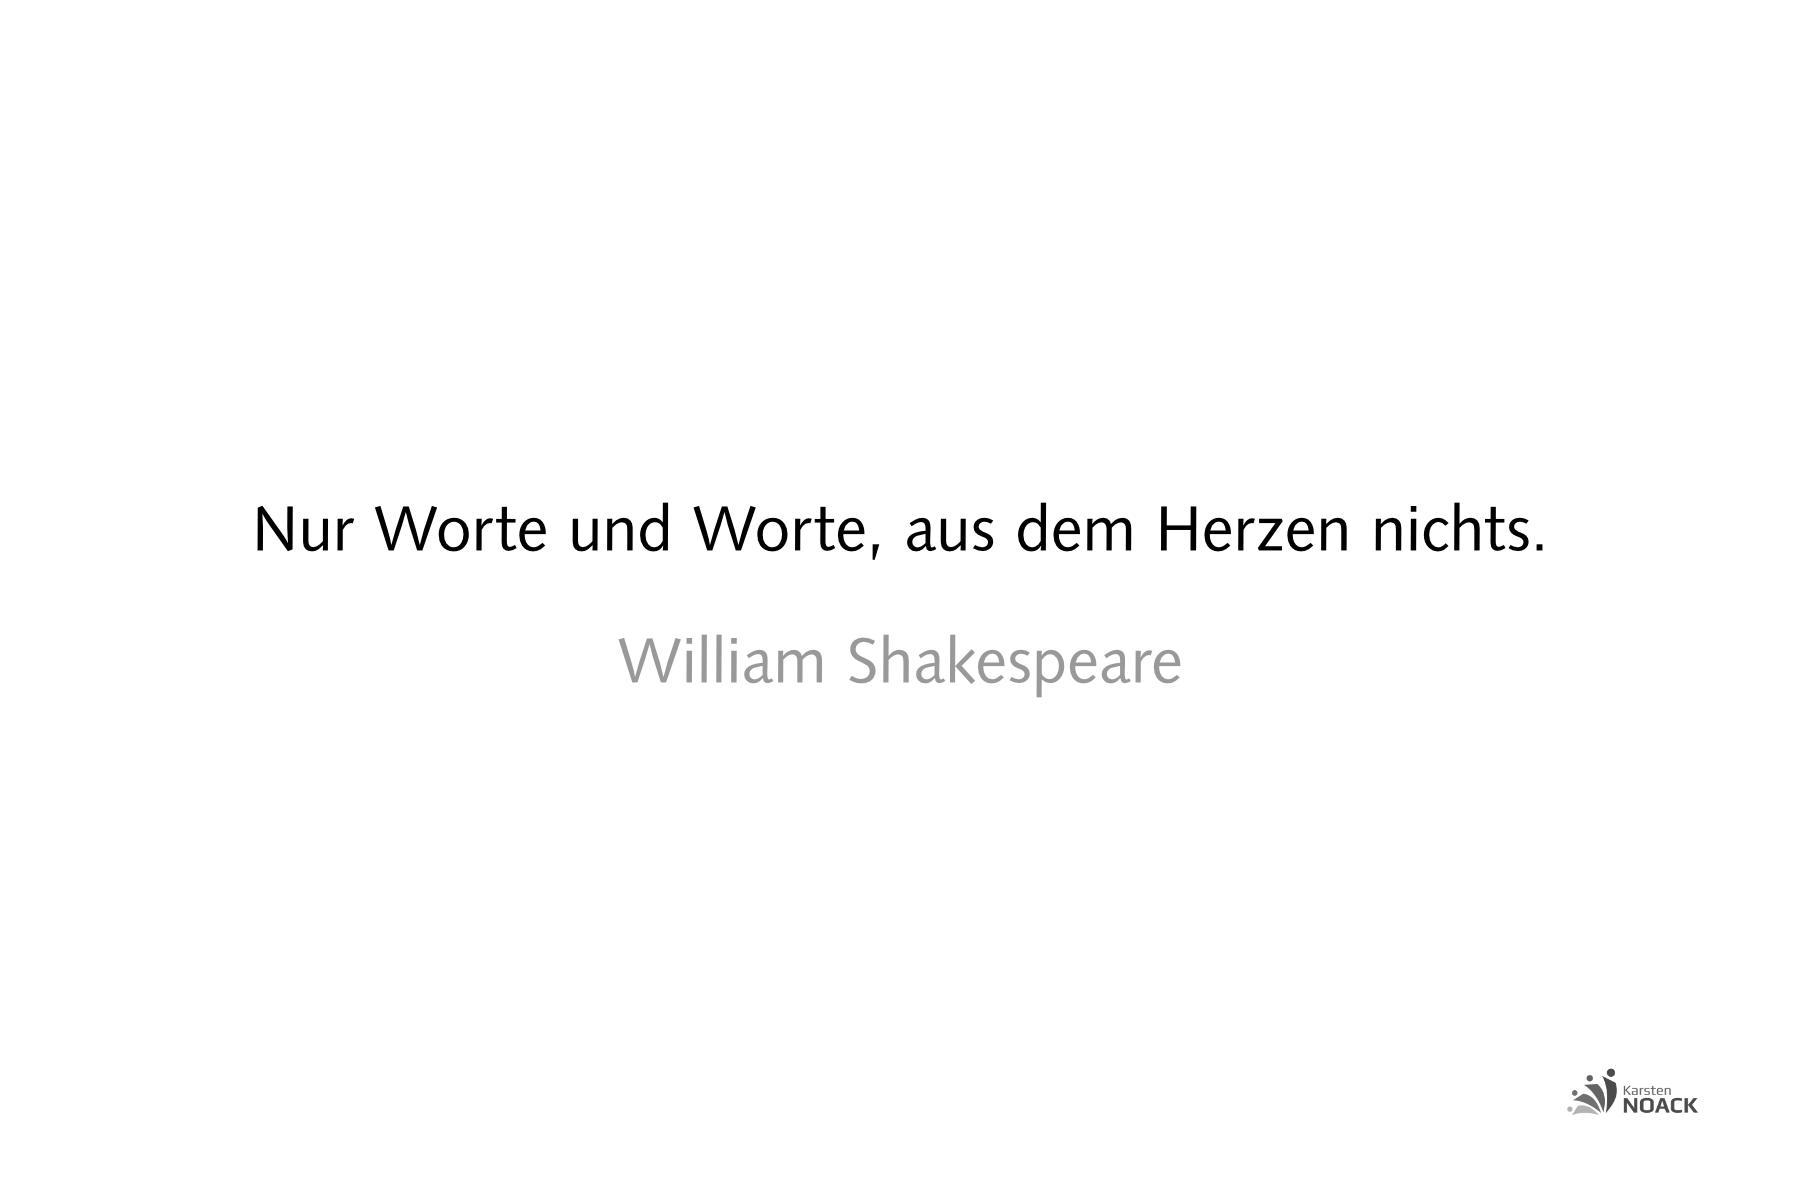 Nur Worte und Worte, aus dem Herzen nichts. William Shakespeare